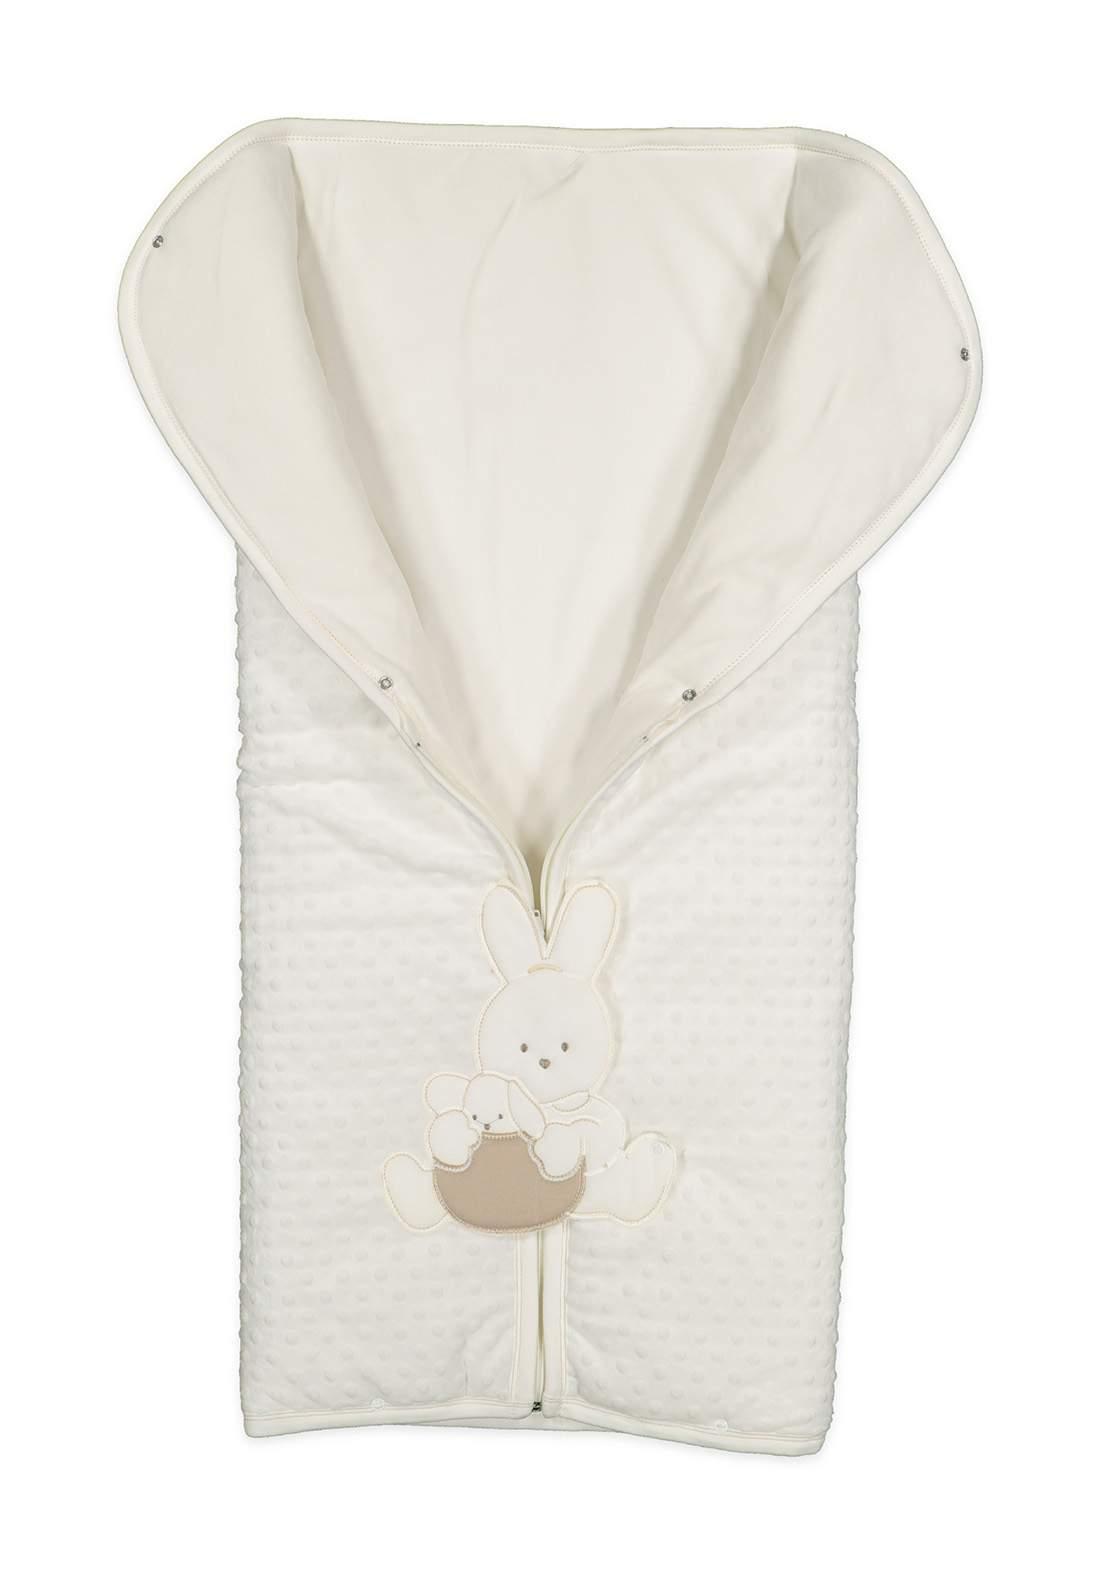 بطانية للاطفال حديثي الولادة ابيض اللون